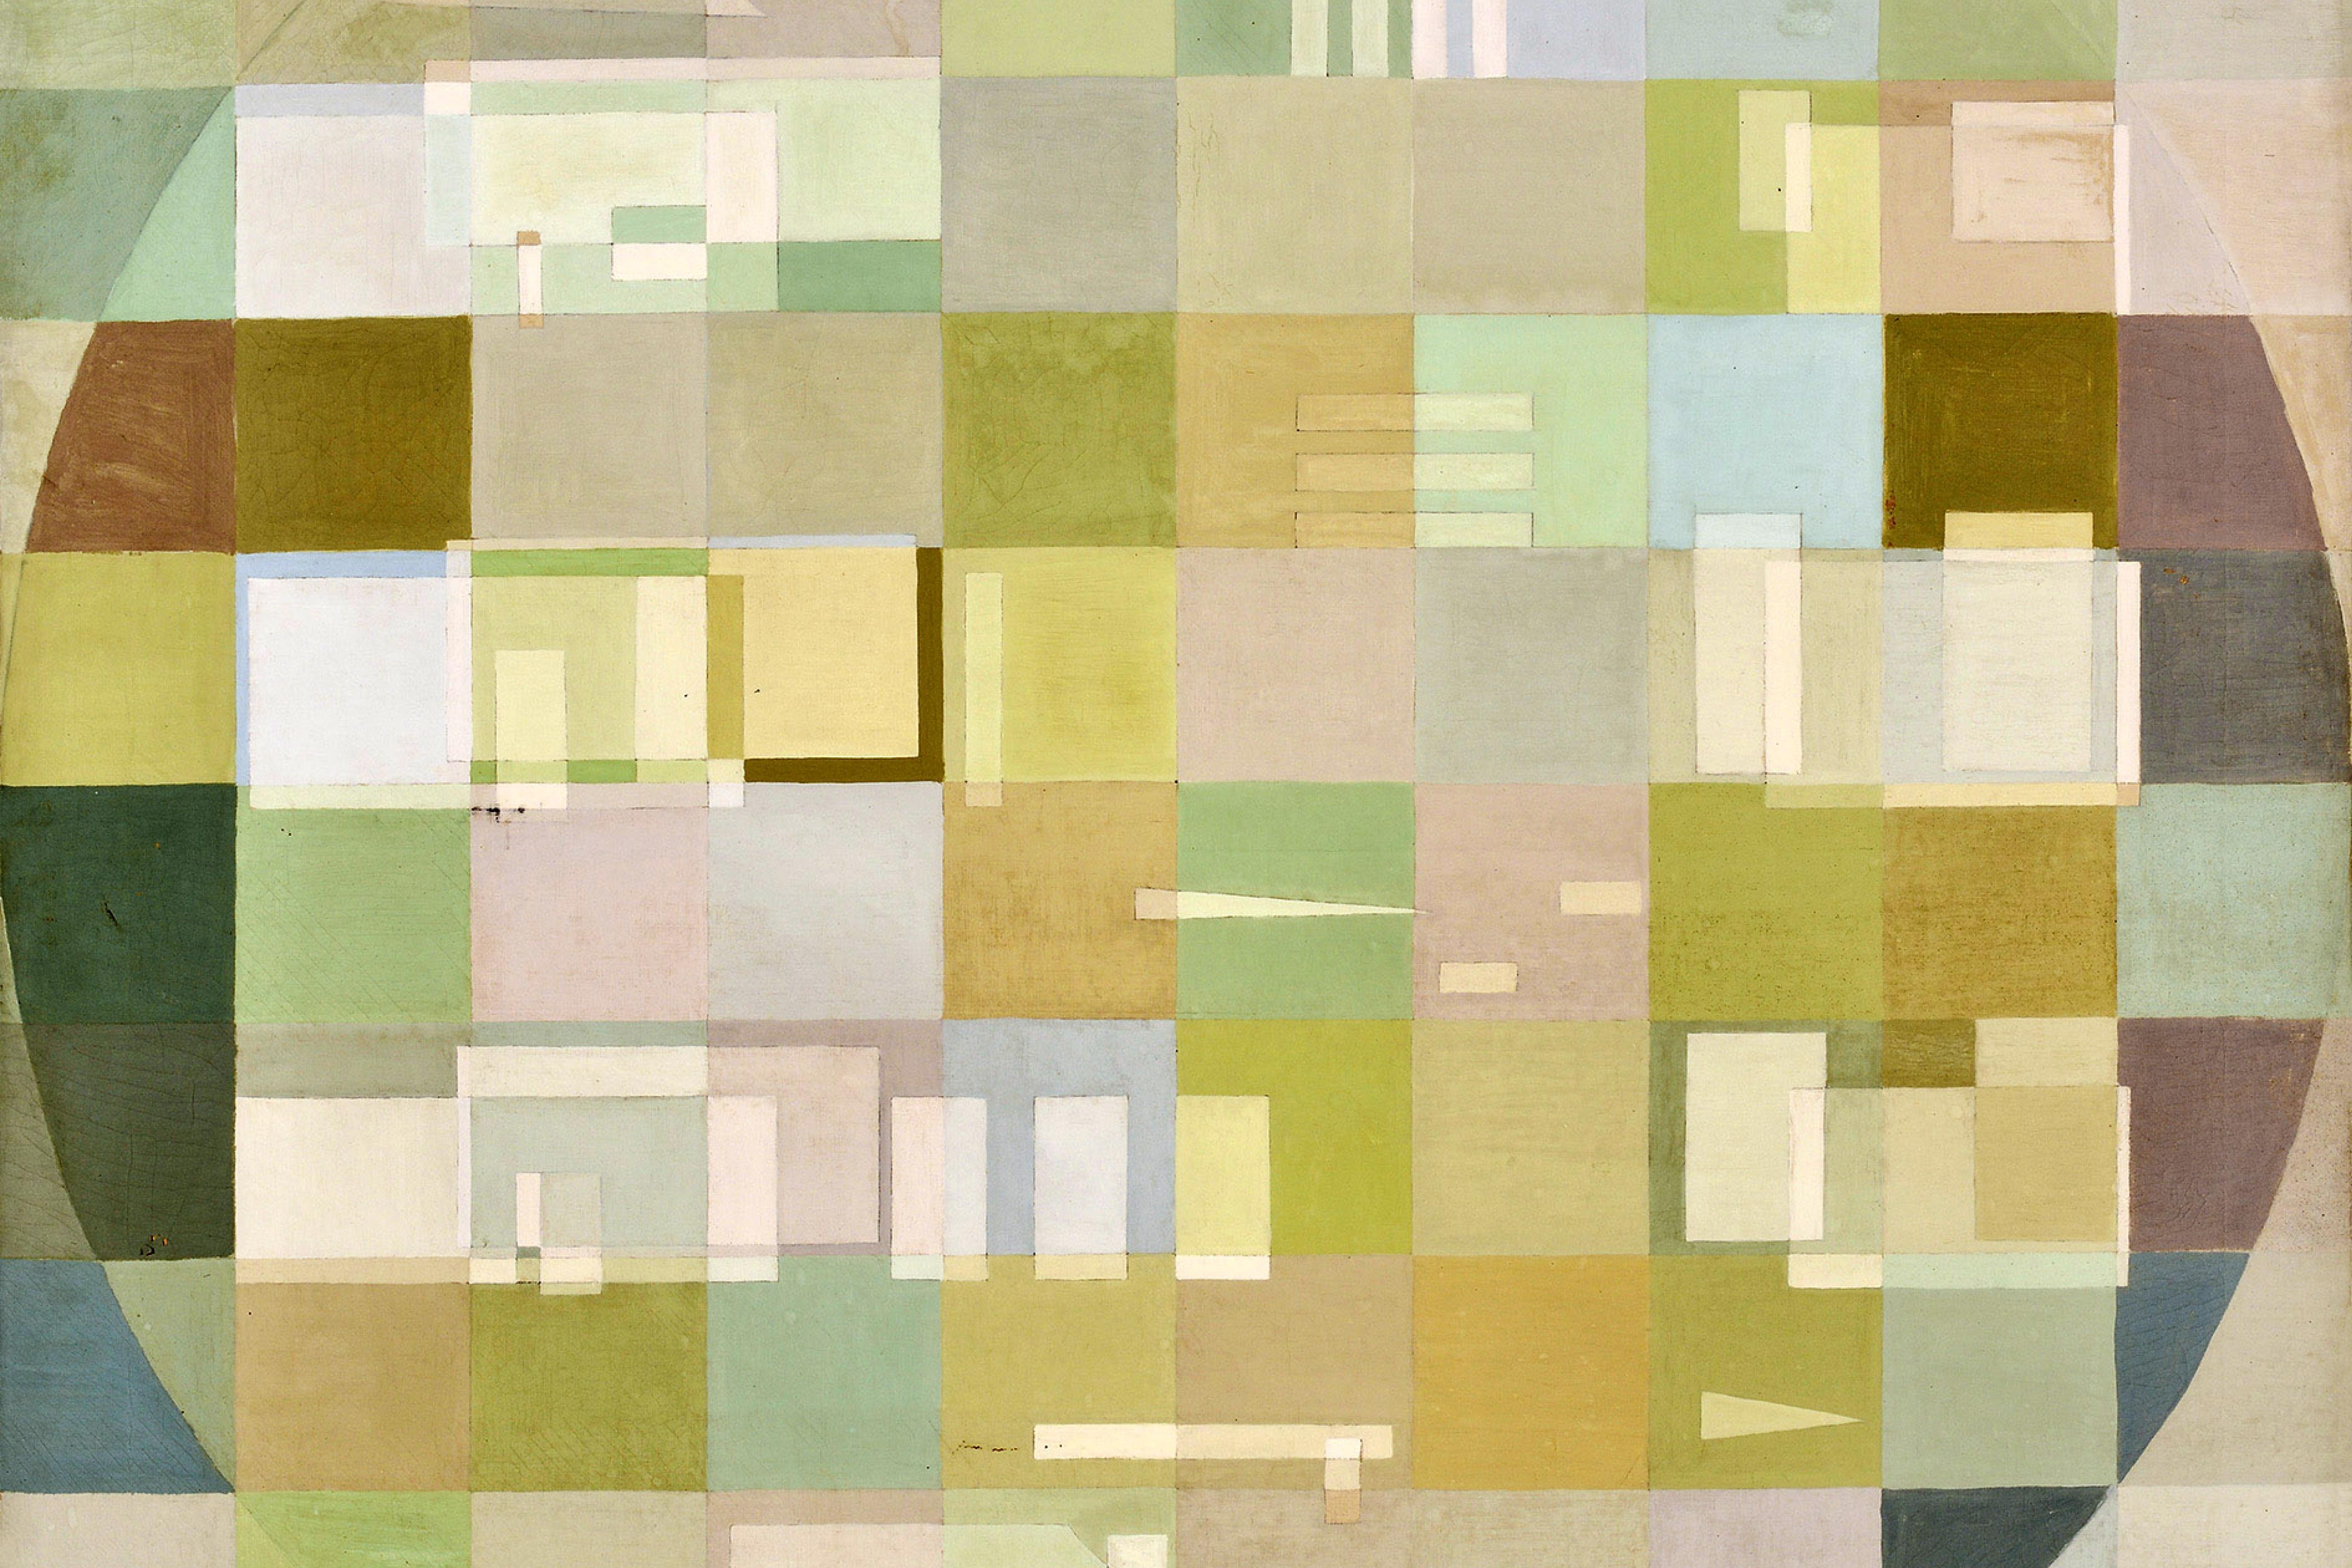 Composição, de 1952, óleo sobre tela